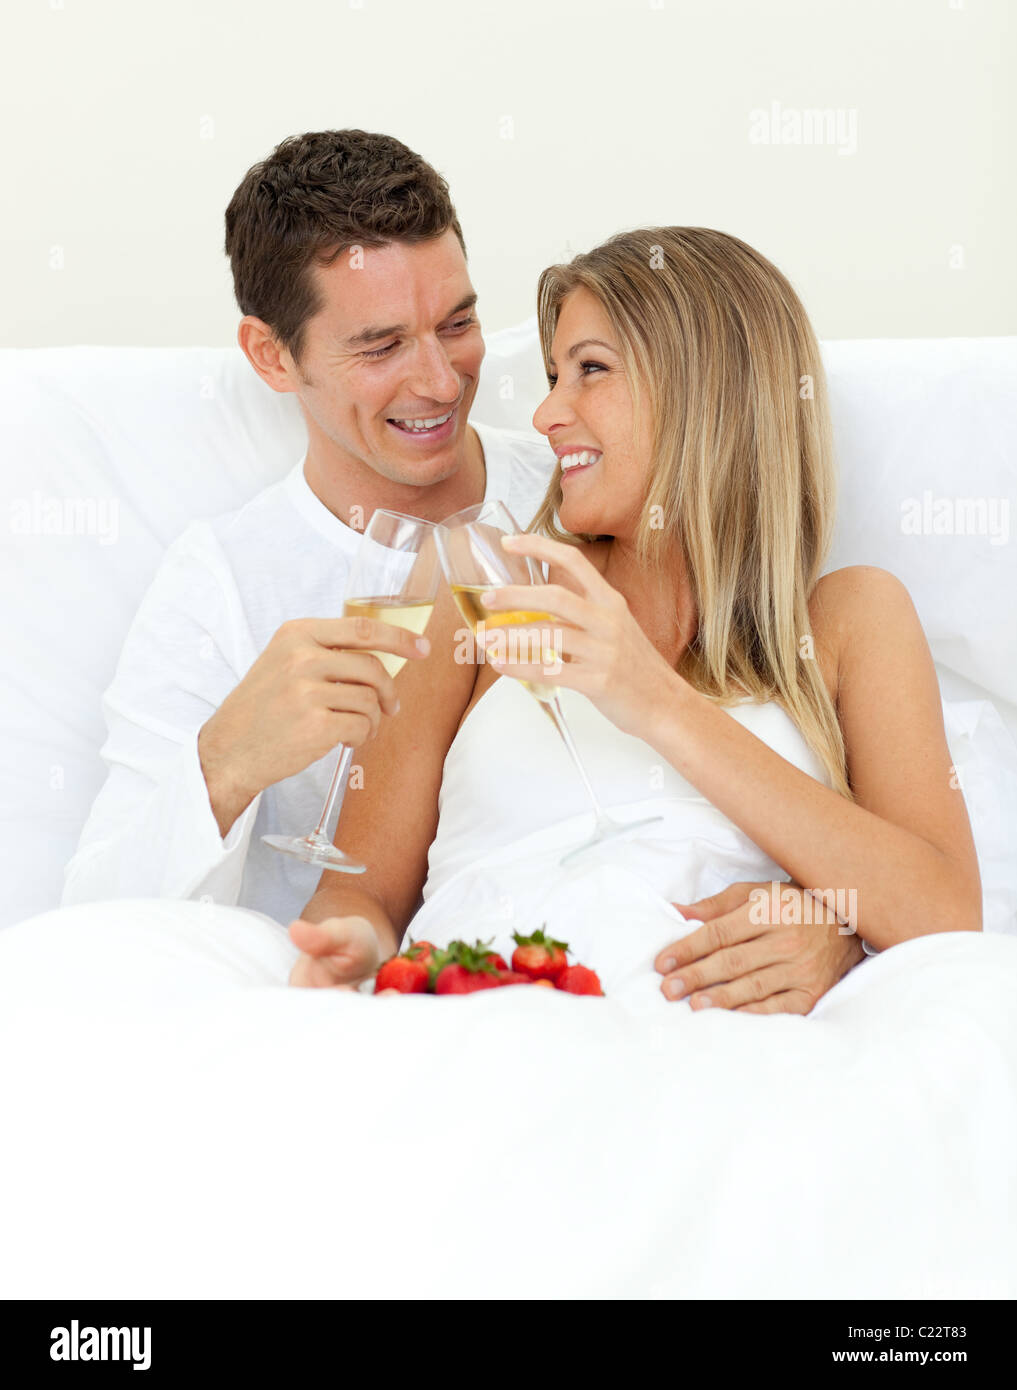 Intime paar trinken Champagner mit Erdbeeren Stockbild